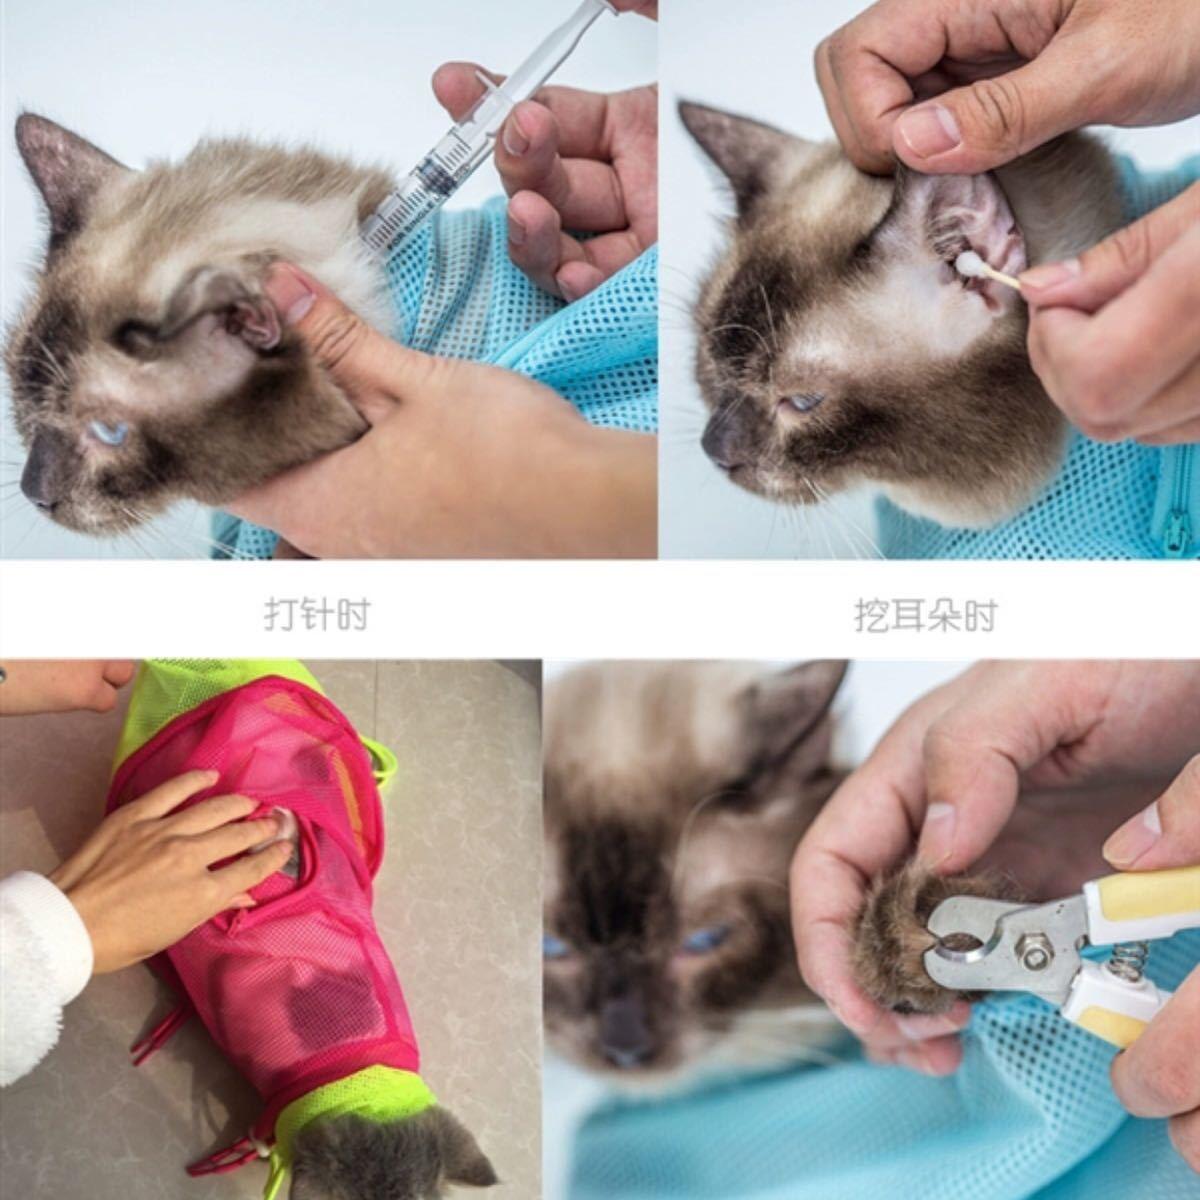 猫用みのむし袋 猫用品 おちつくネット ペット用 猫用ネット 脱走防止